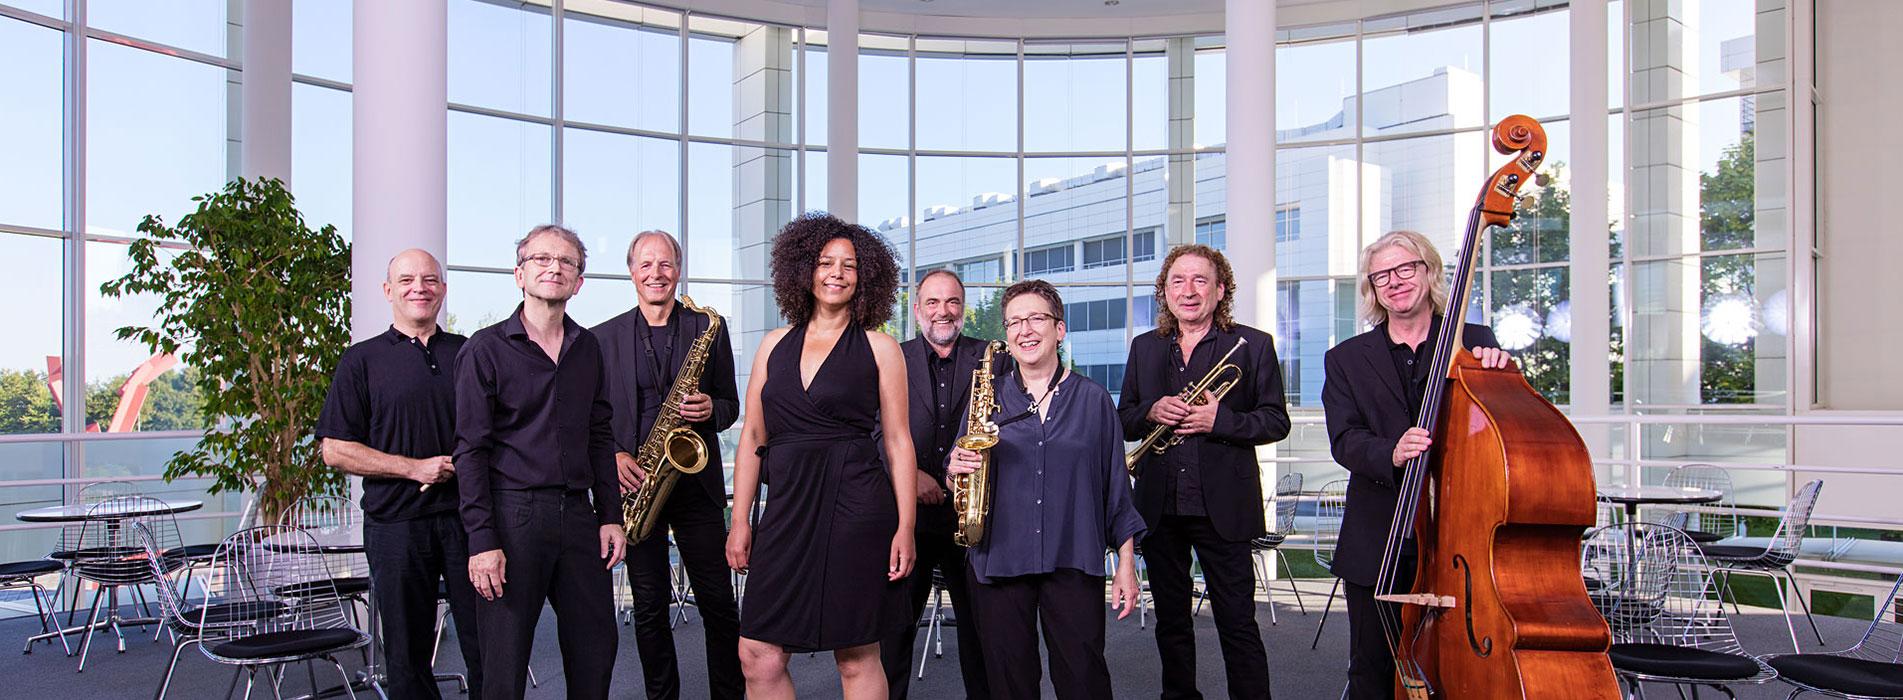 Jazzkonzert im Augustinum am Killesberg